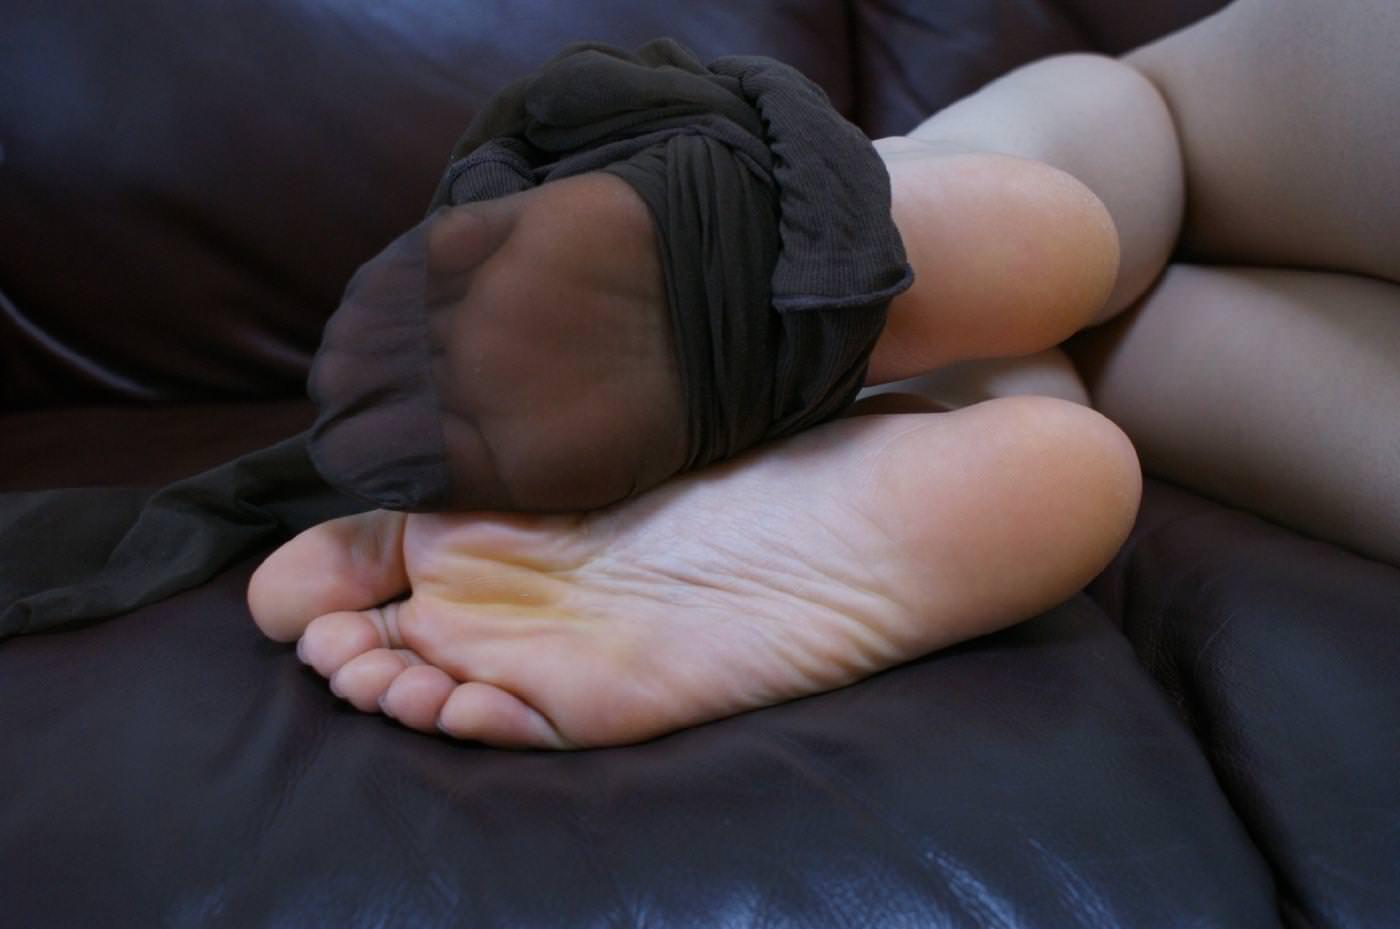 酸っぱ塩っぱい味がする女の子の足の裏フェチエロ画像 2317